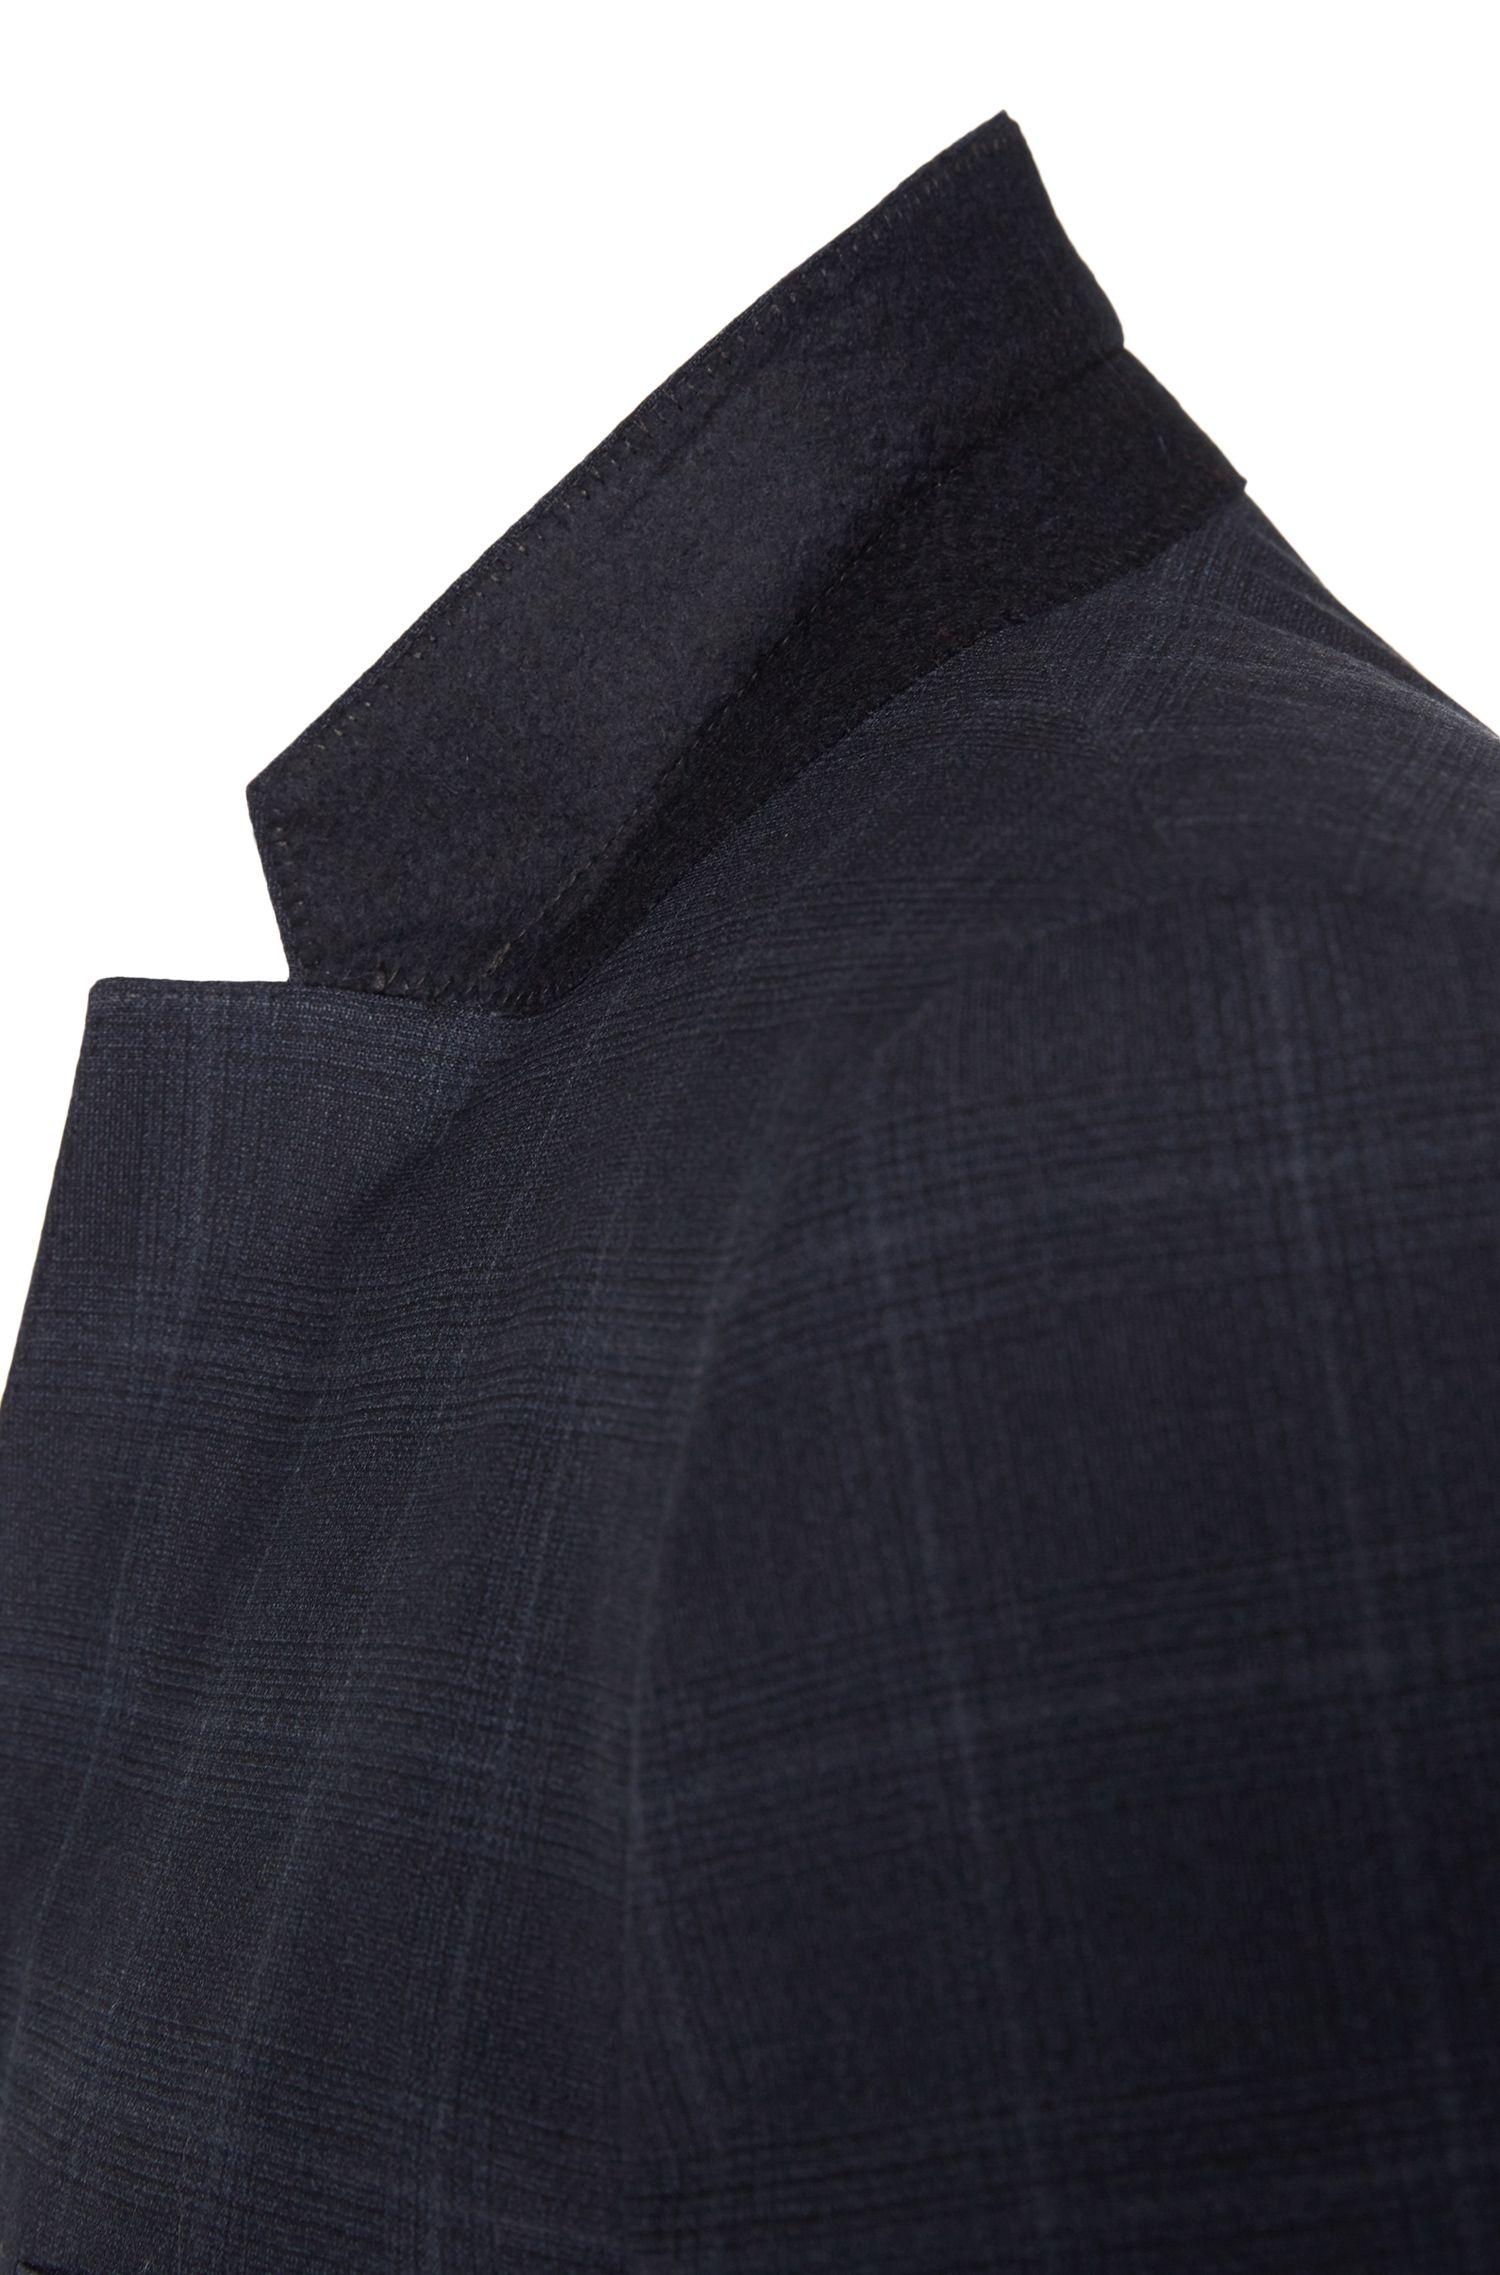 Karierter Slim-Fit Anzug aus Stretch-Schurwolle: 'Arti/Heilon'